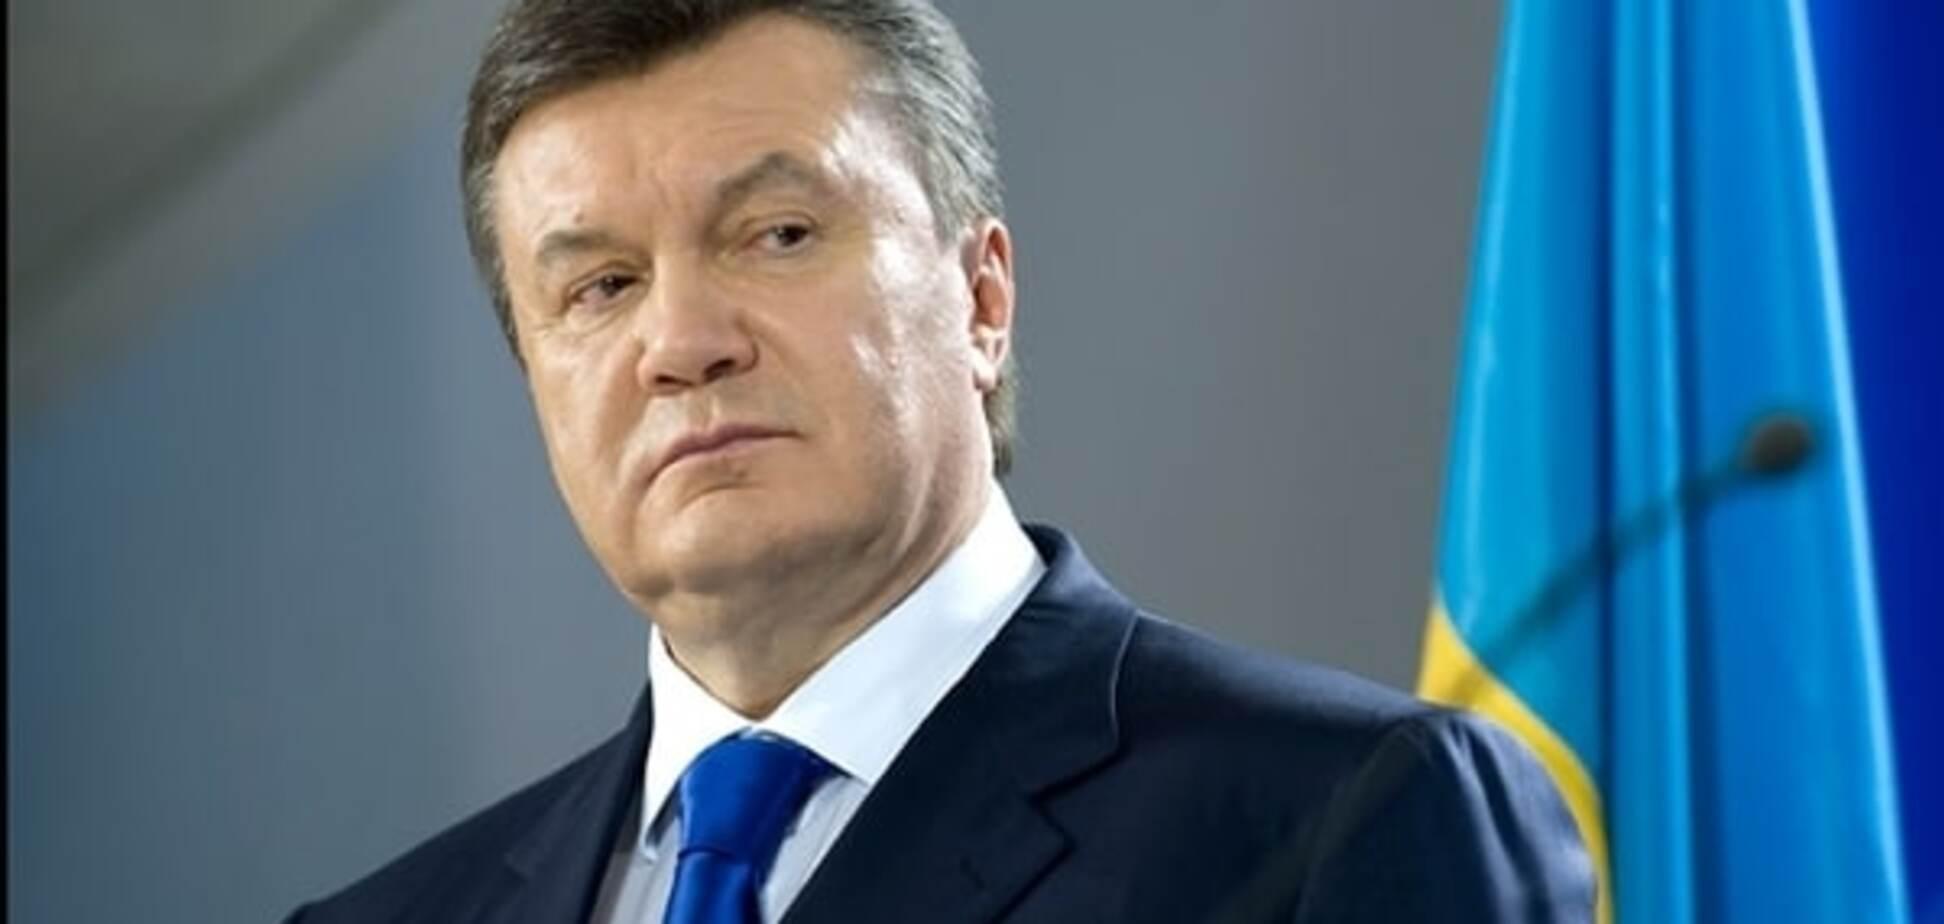 Наказ про розгін Майдану віддав особисто Янукович - ГПУ